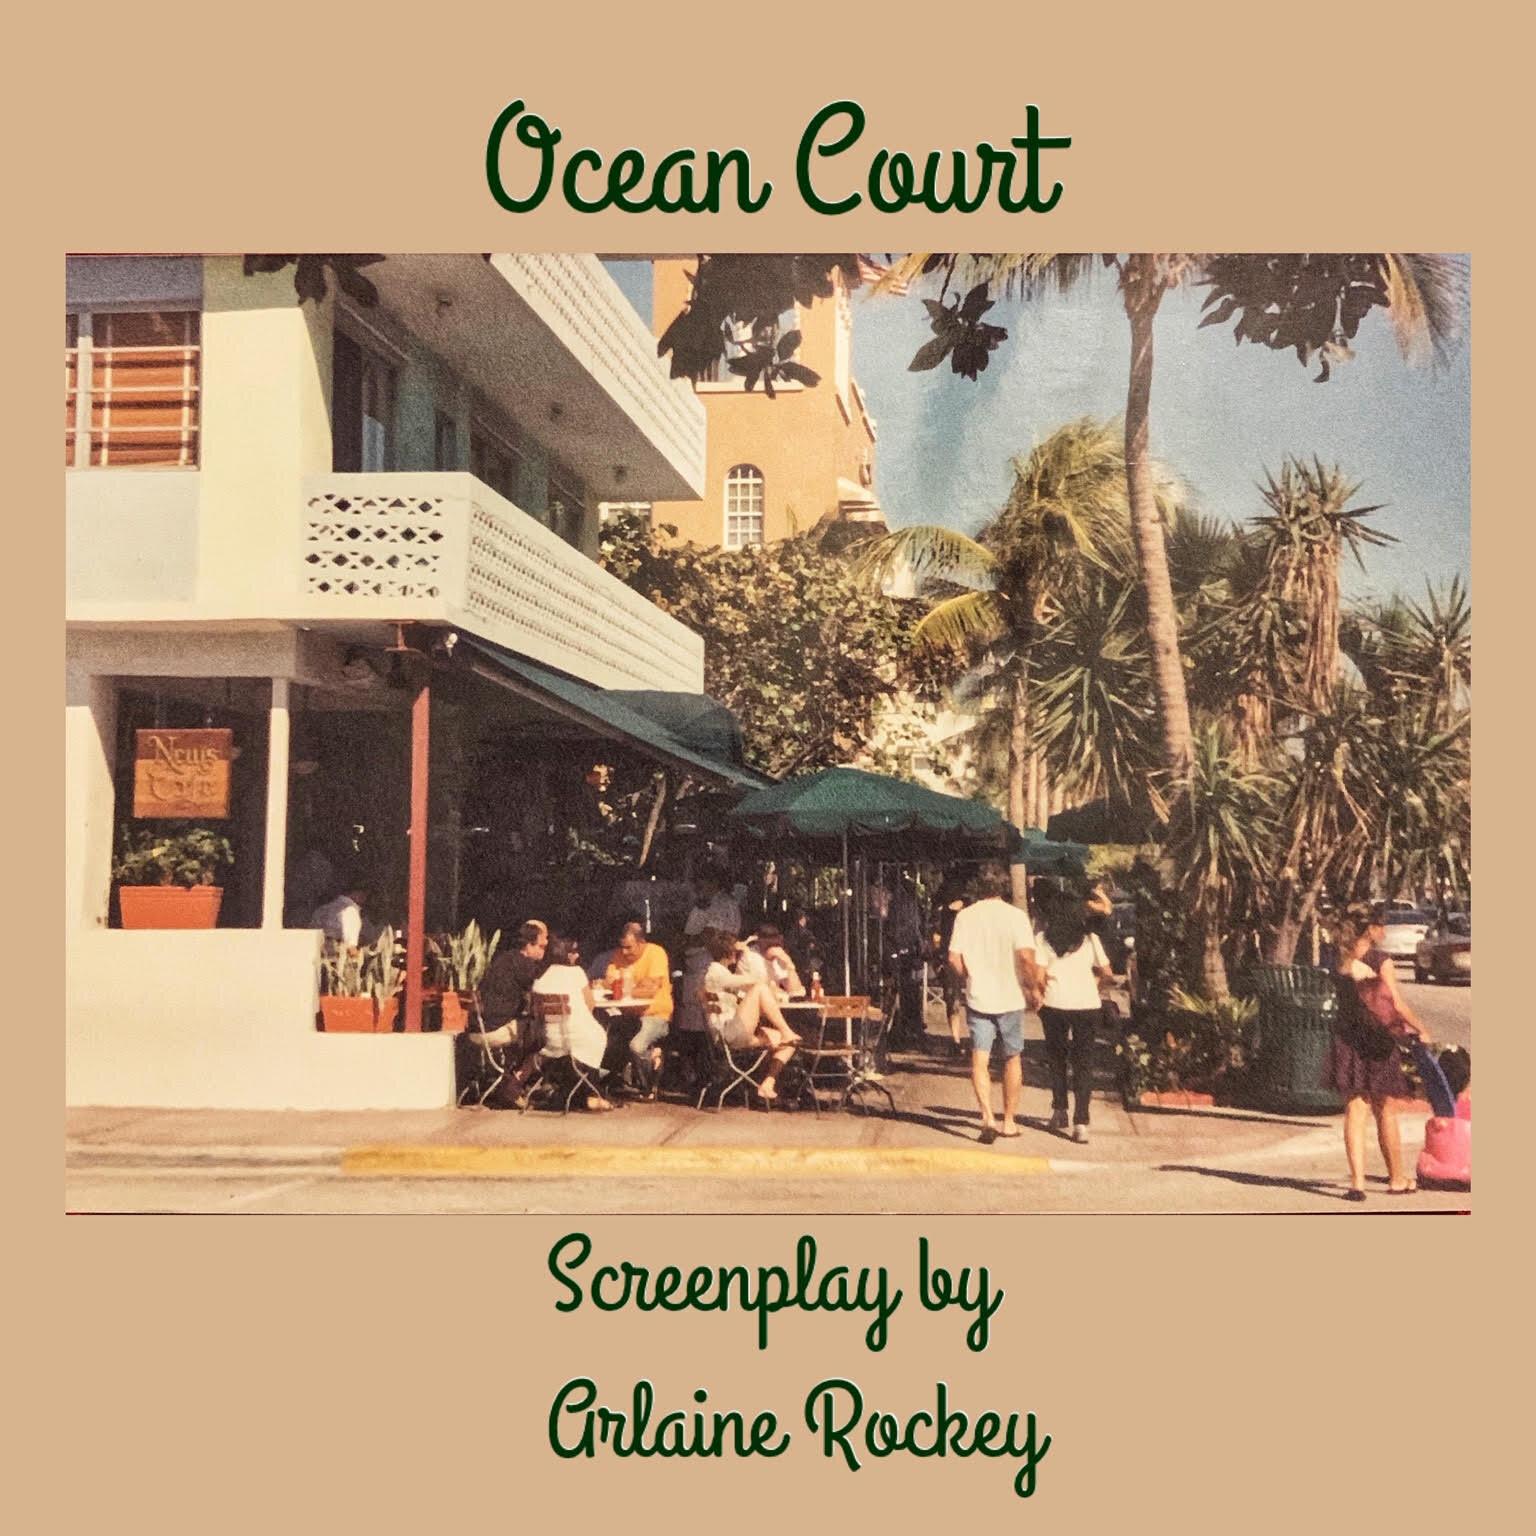 OCEAN COURT NEWS CAFE COVER 1.jpg